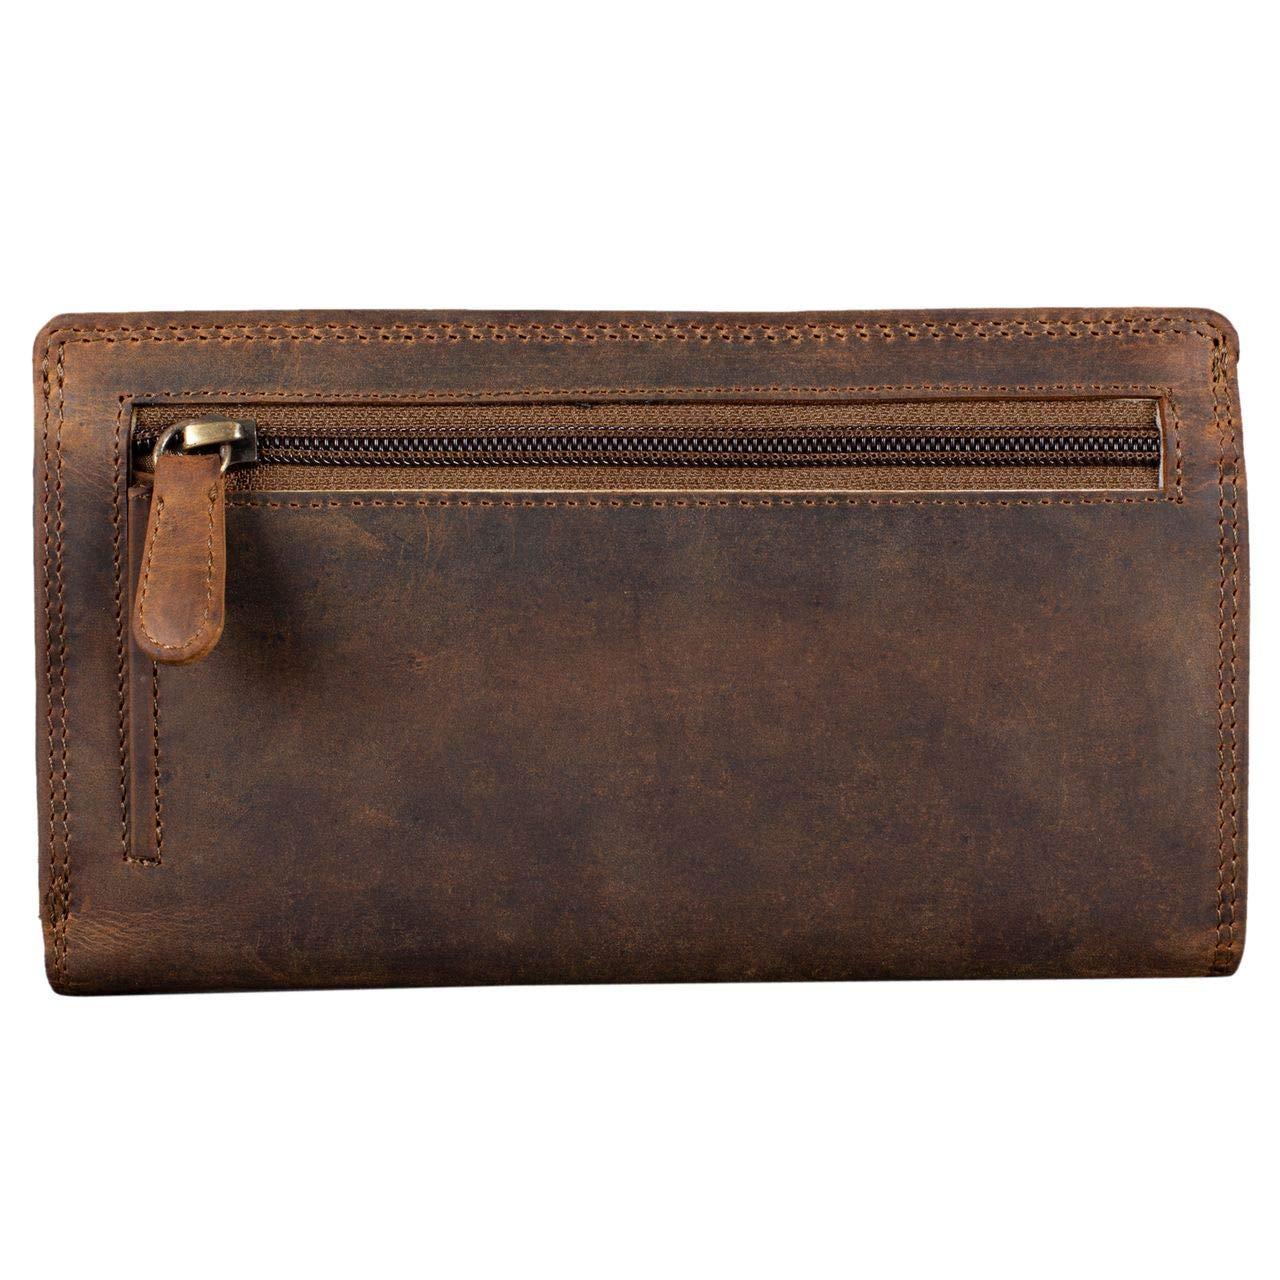 ... de Piel Mujer RFID Bloqueo Vintage Cartera para Señora Monedero con 14 Tarjetas Billetes y Monedas con Caja de Regalo, Color:marrón - Medio: Amazon .es: ...